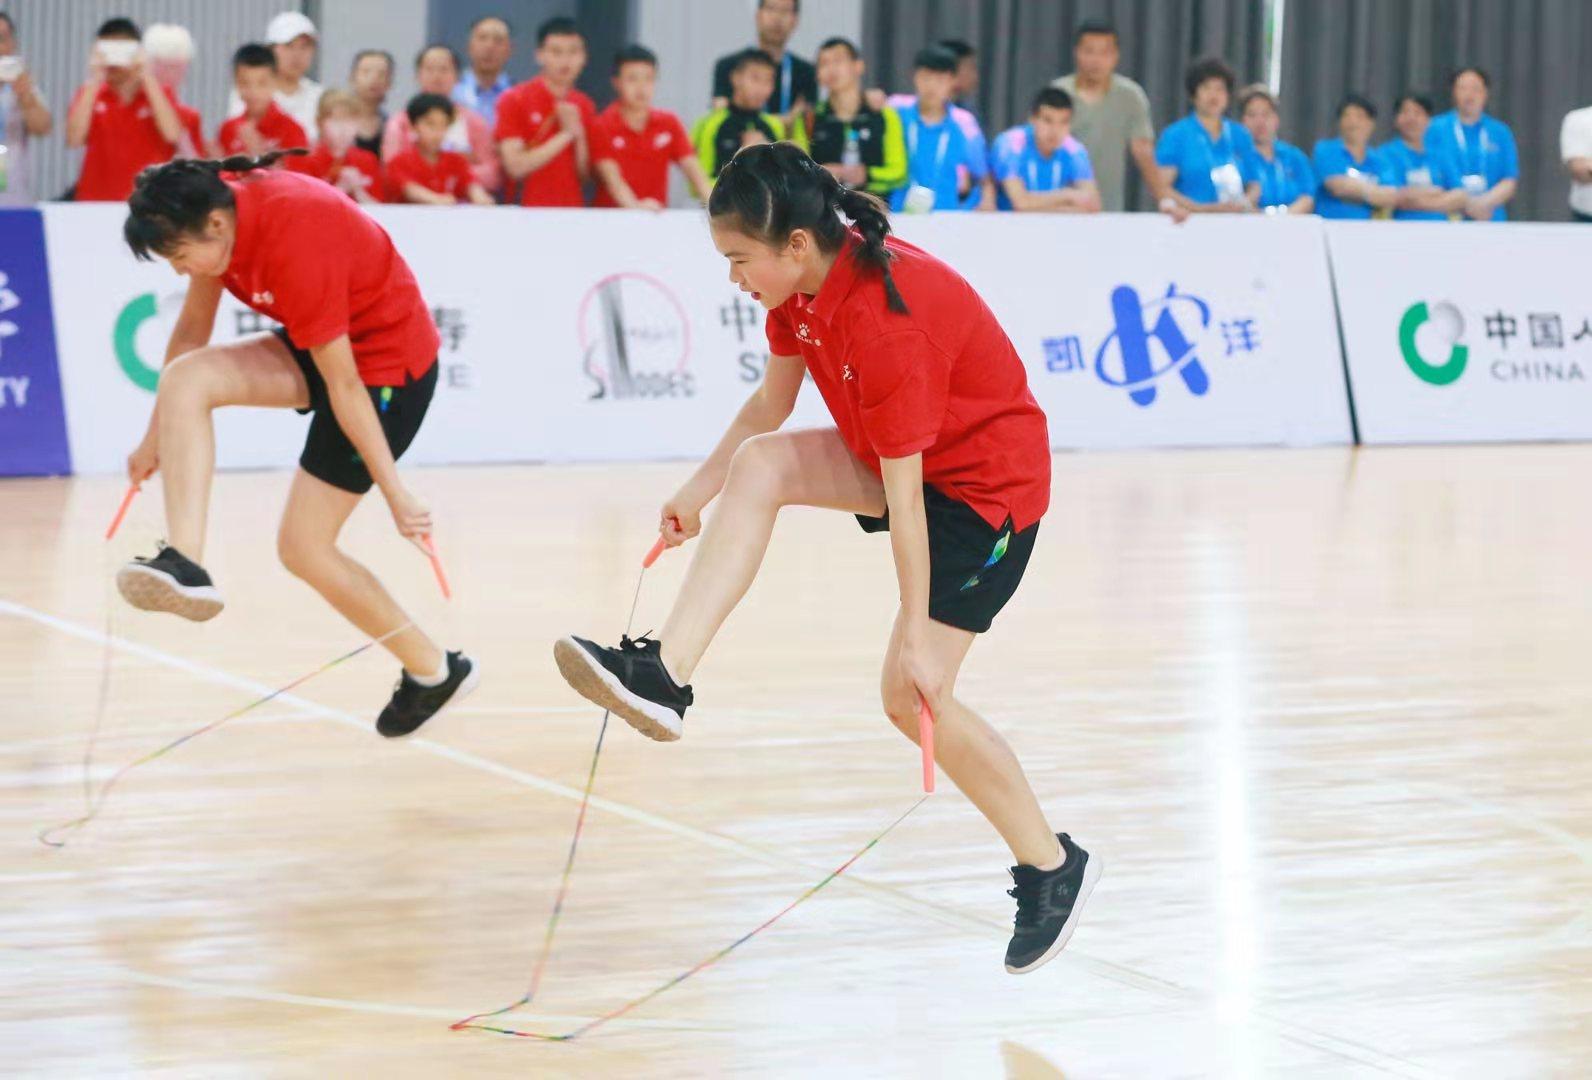 這群盲童不簡單!組團玩轉高難度花樣跳繩